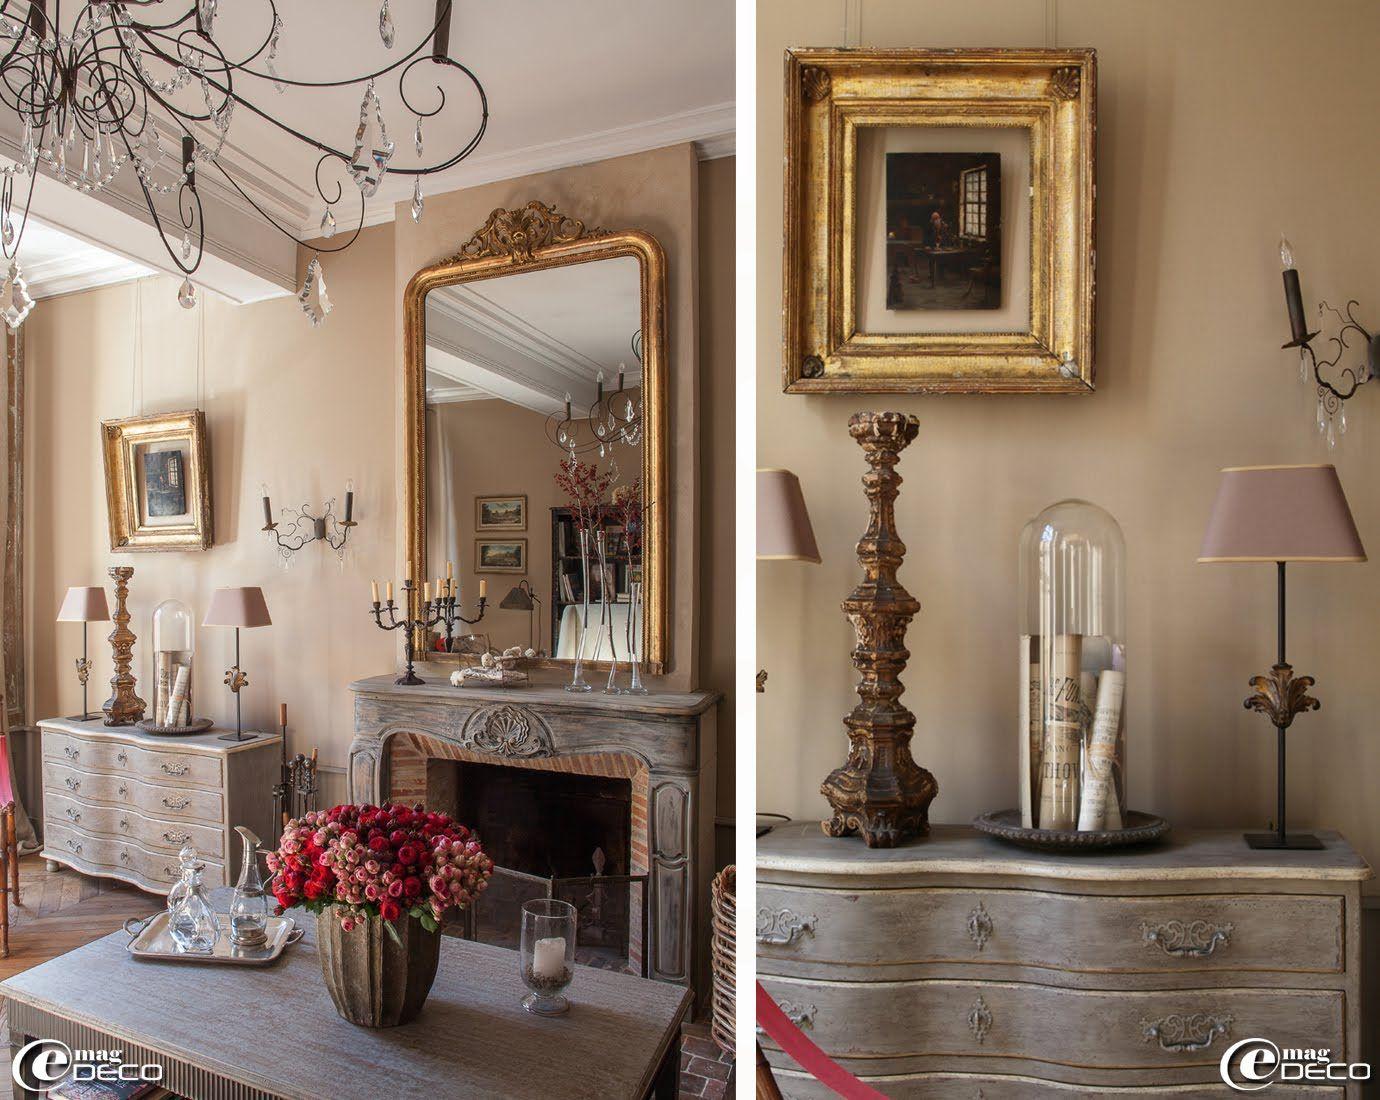 chemin e de style rocaille en bois patin e grand miroir dor xix me lustre 39 vox populi 39 et. Black Bedroom Furniture Sets. Home Design Ideas